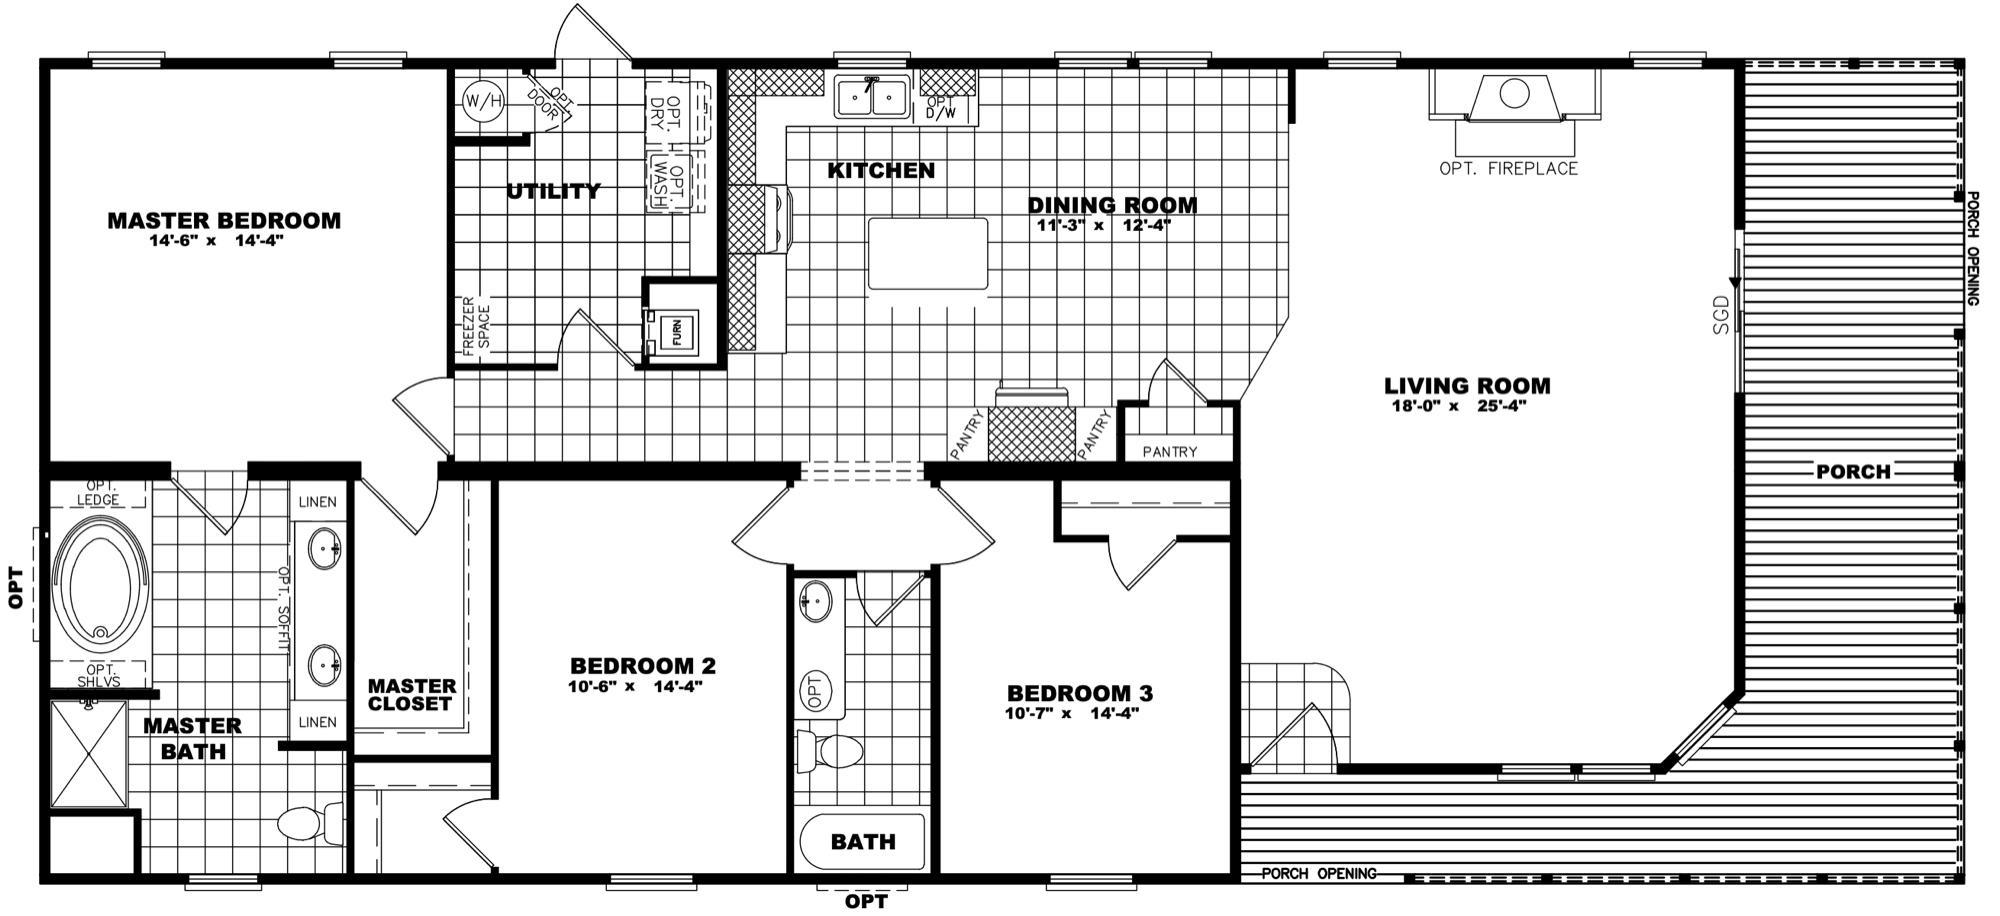 Clayton Developer - Stewart 32X70 floorplan